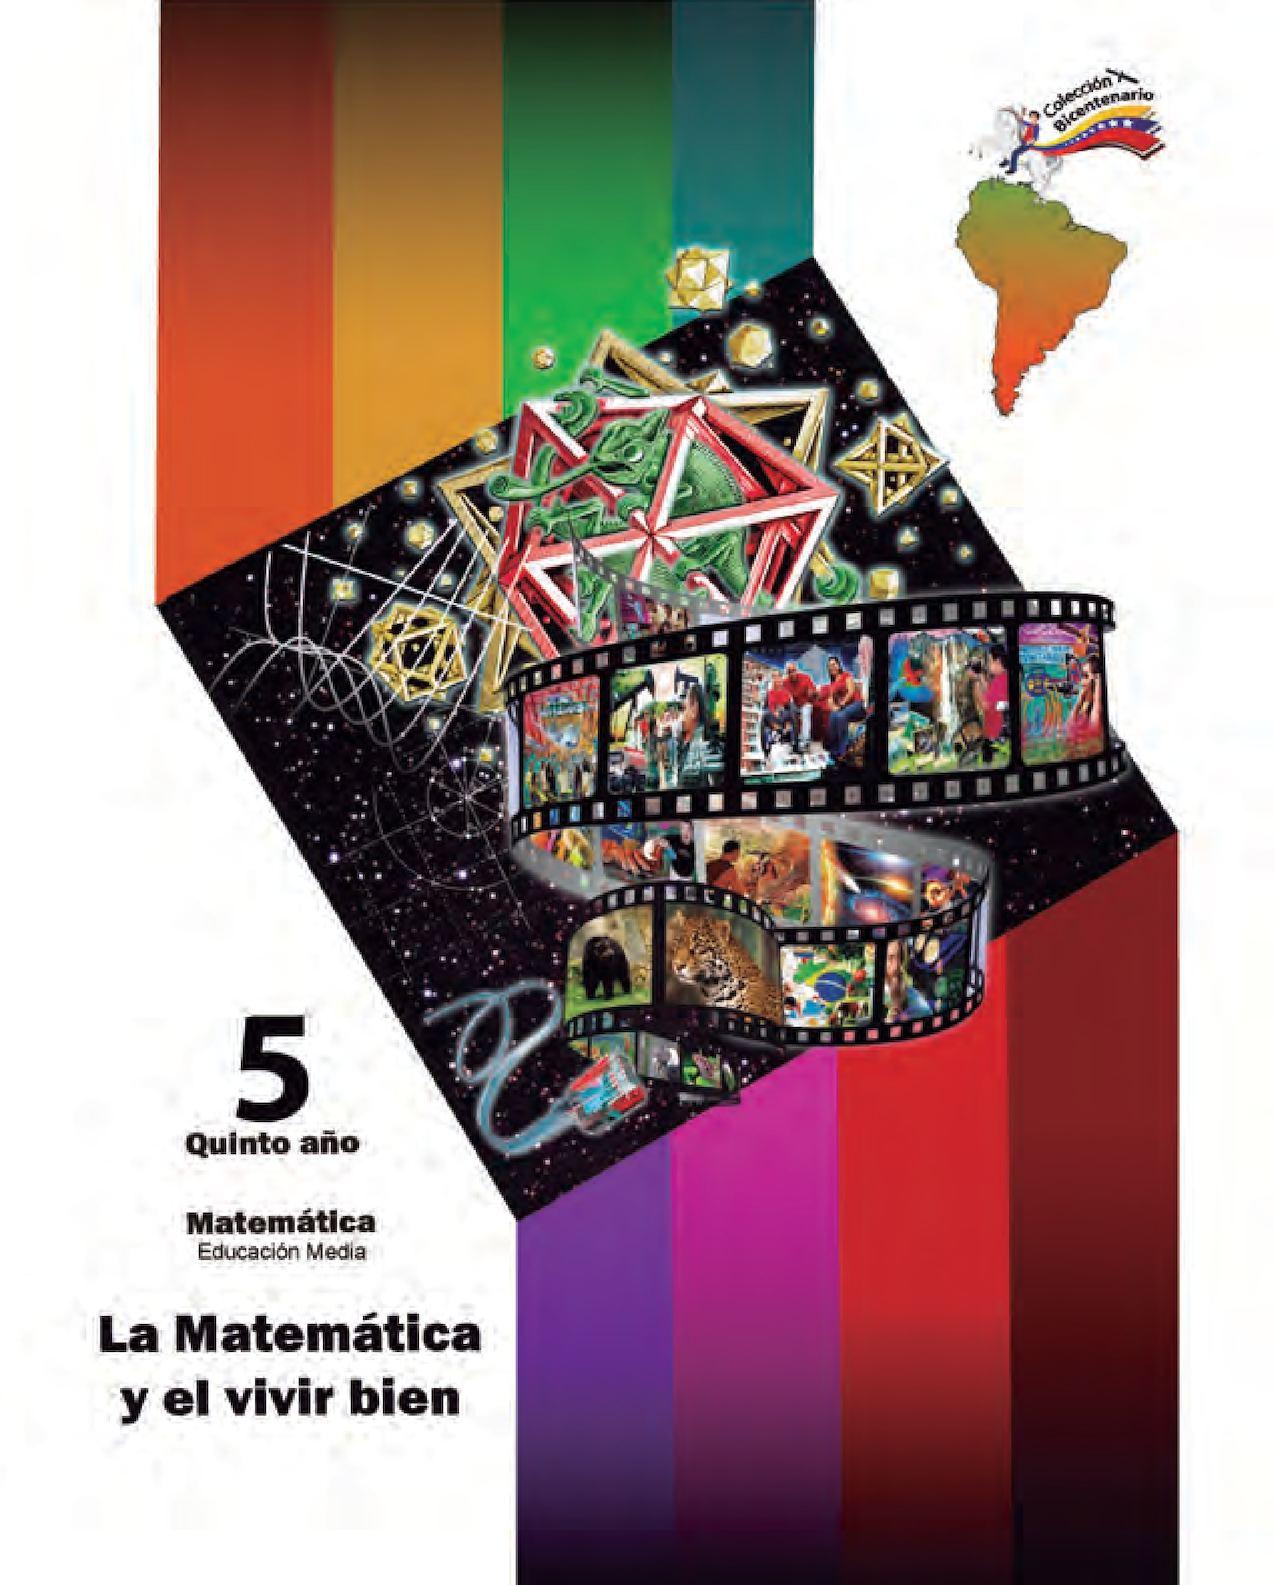 Calaméo - Matemática 5to Año